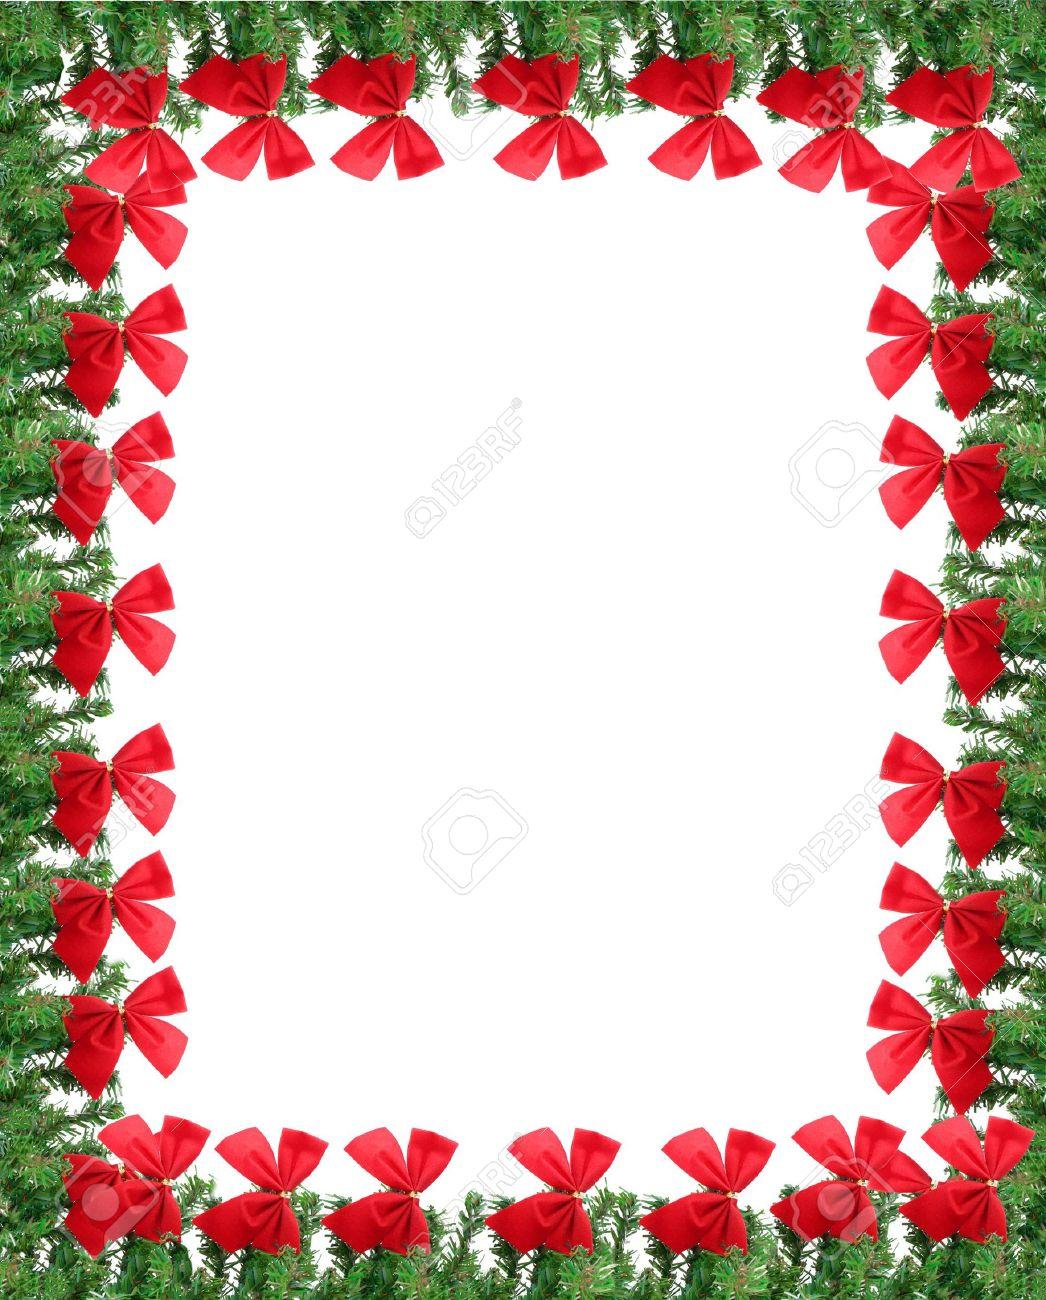 Inclina De Navidad De Ramas De Pino Verde Y Rojo. Ideal Para Una ...